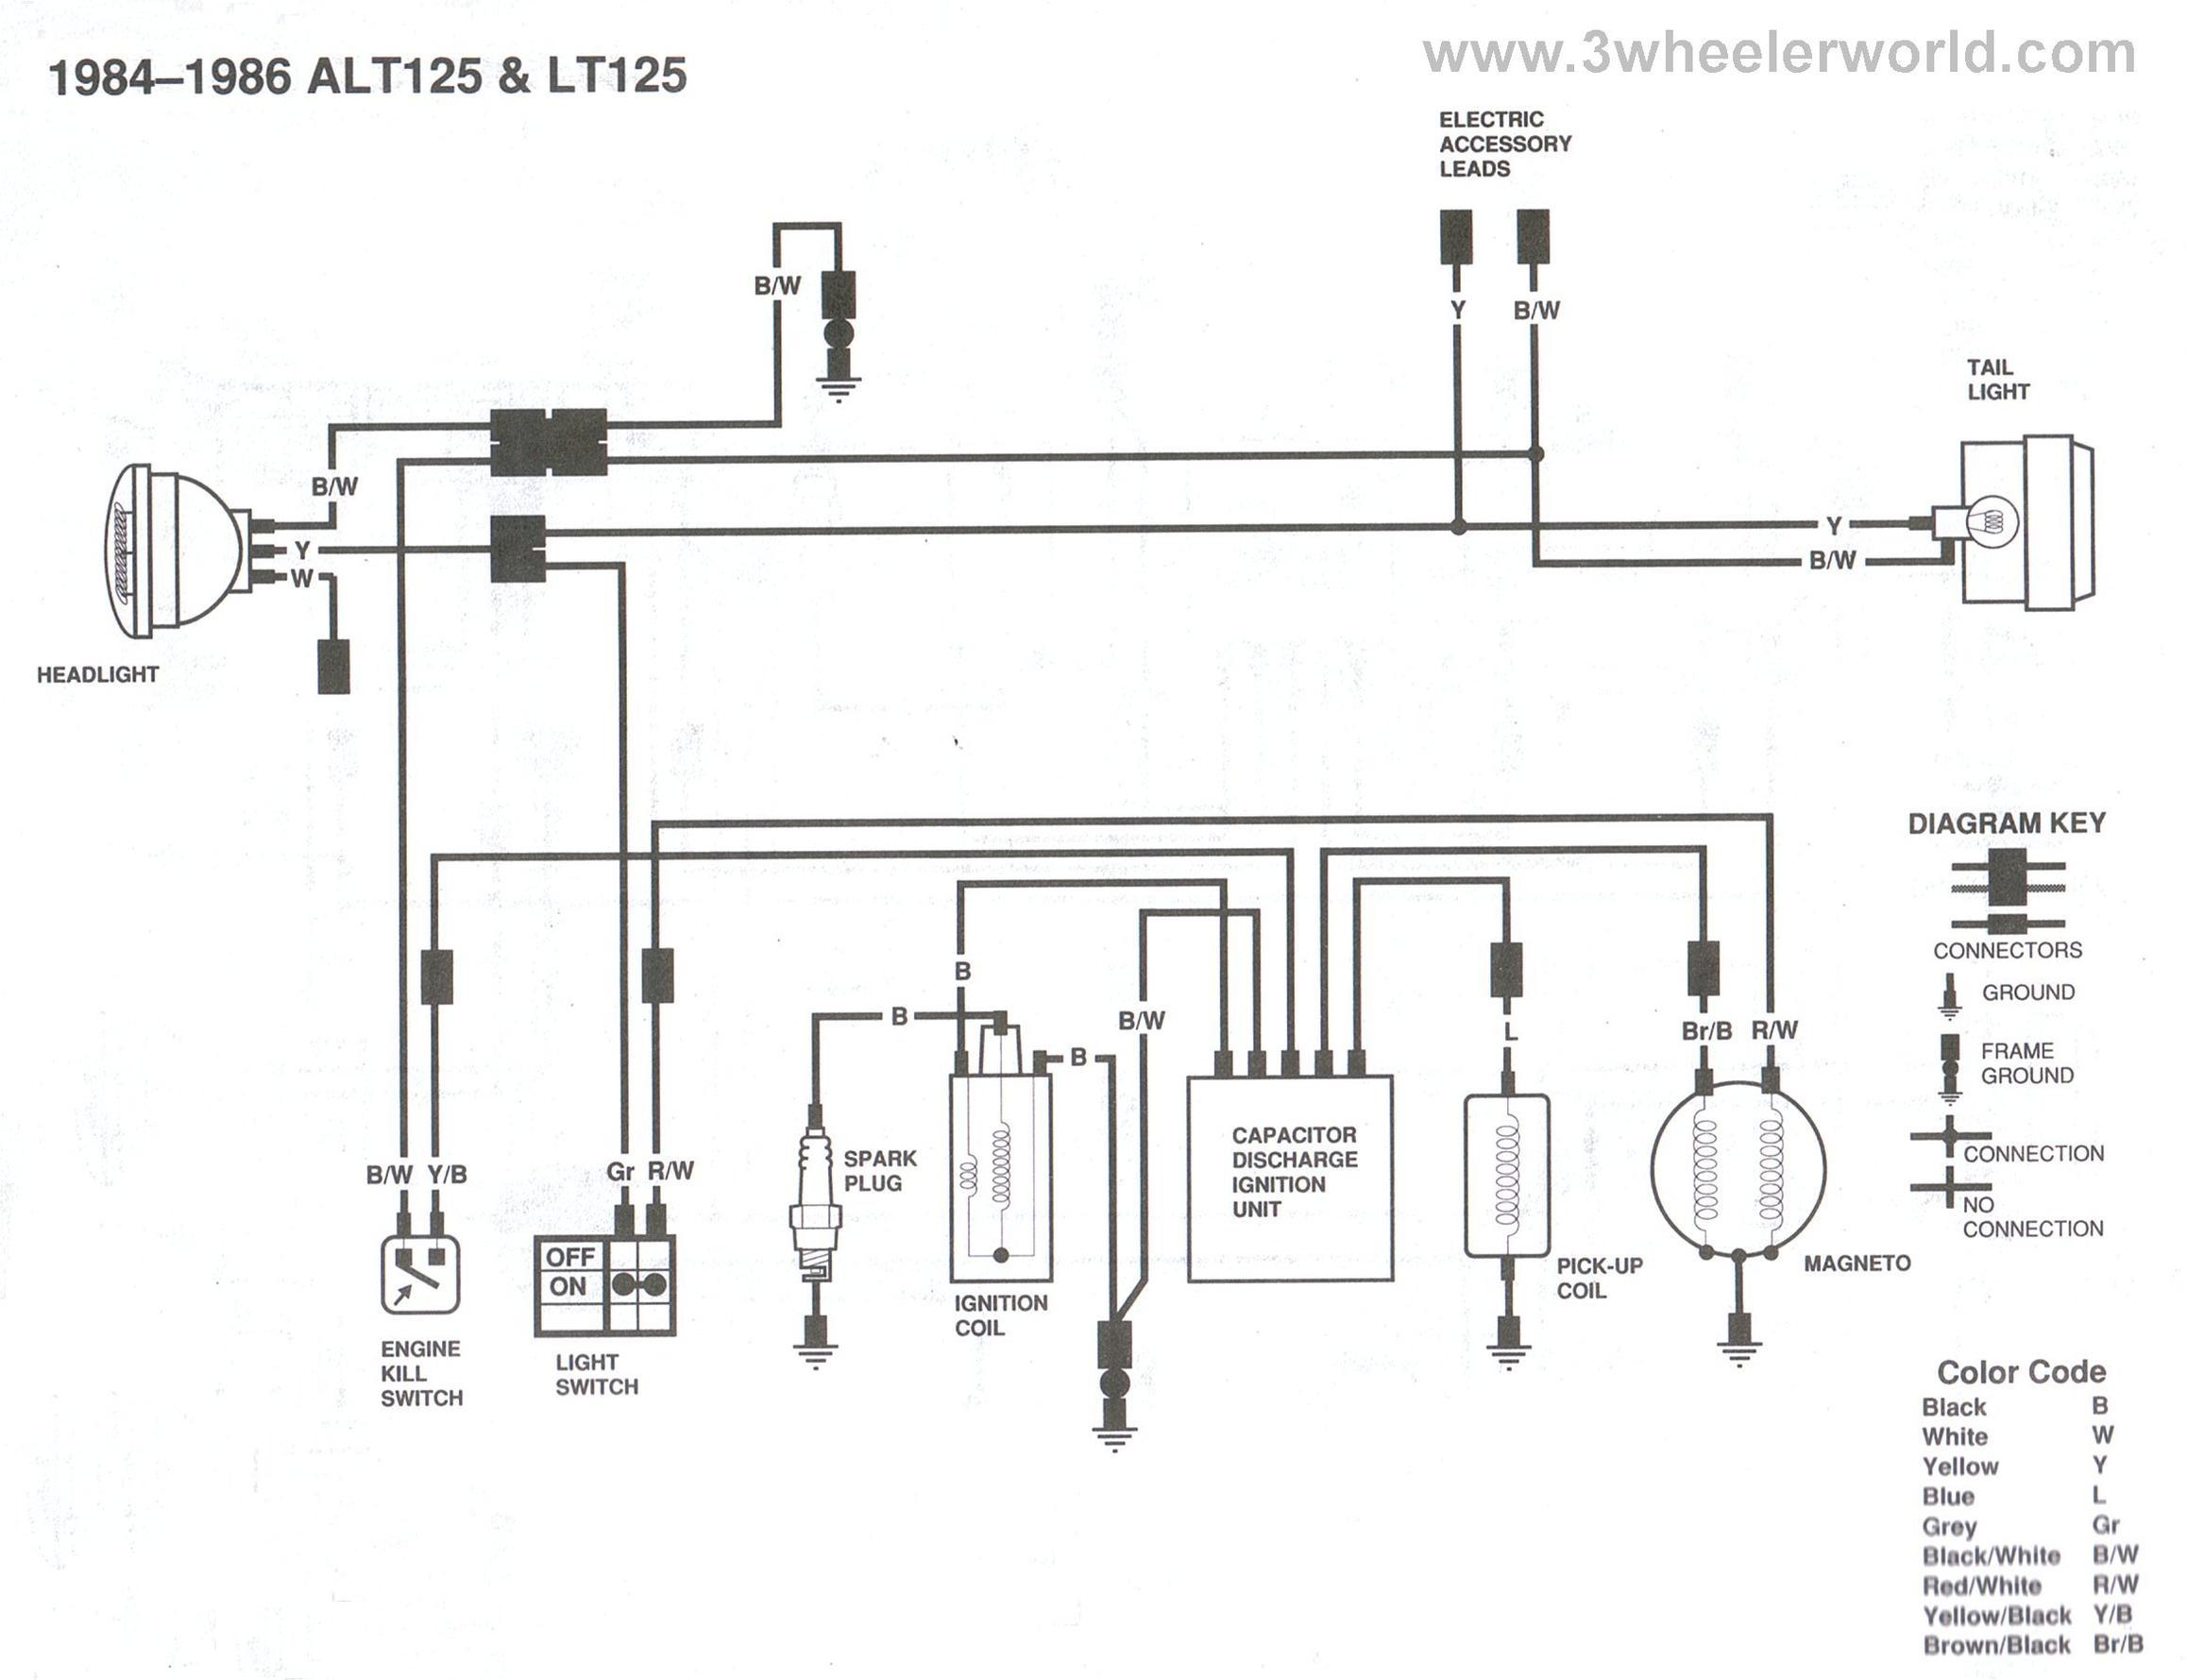 suzuki wiring diagram  virginia-williams-51.web.app